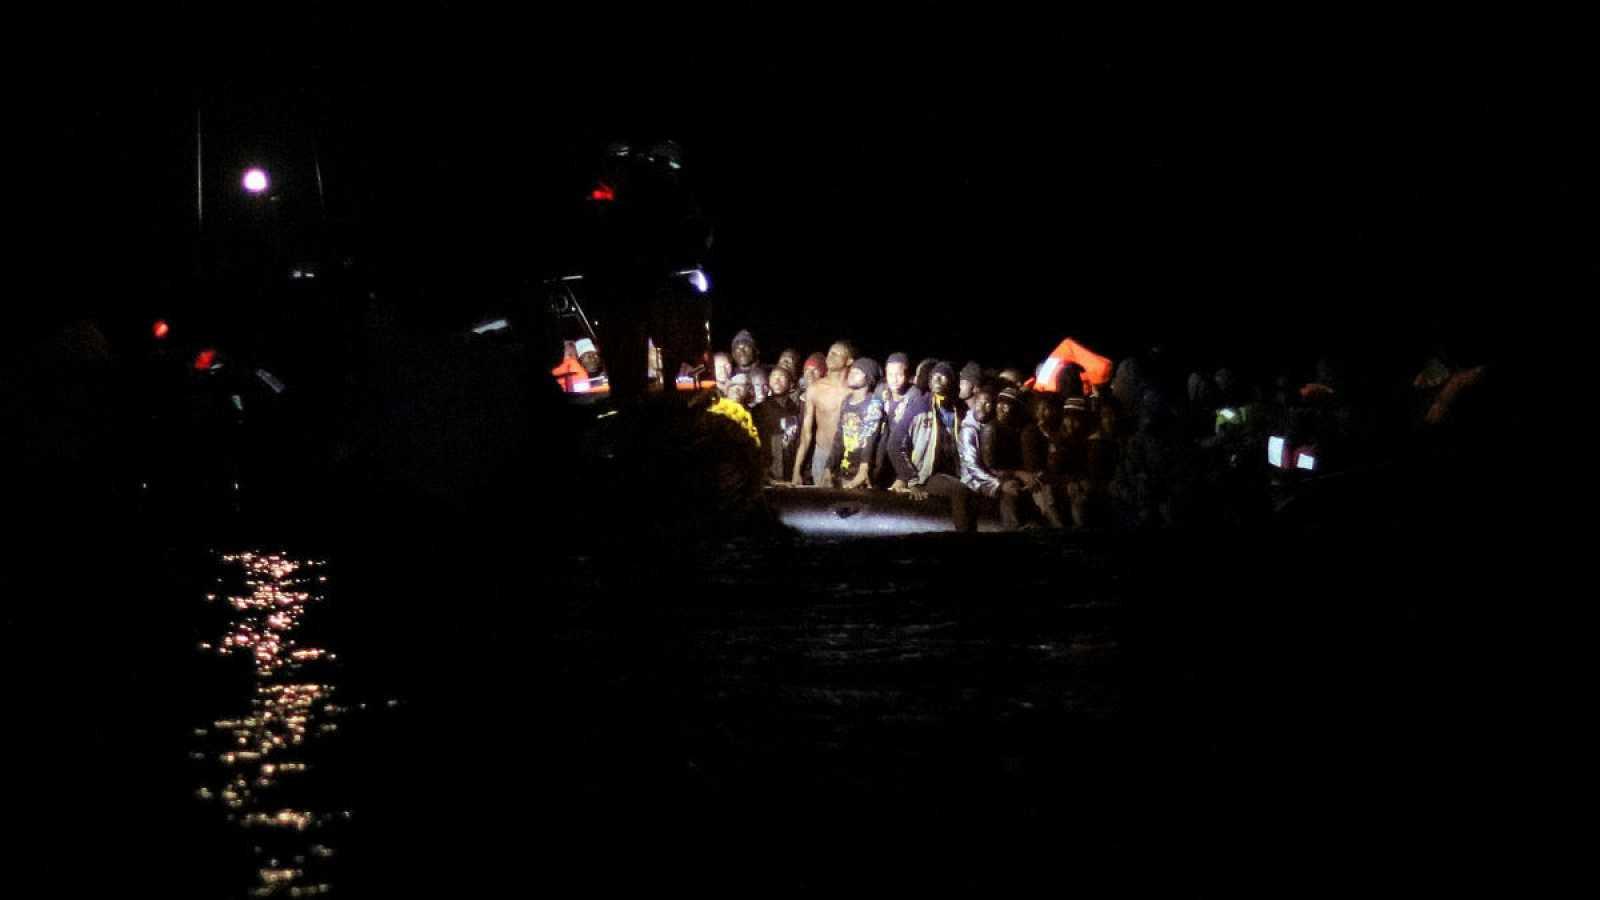 El barco de rescate 'Alan Kurdi' ha salvado también a 78 inmigrantes en dos embarcaciones a la deriva frente a las costas de Libia.